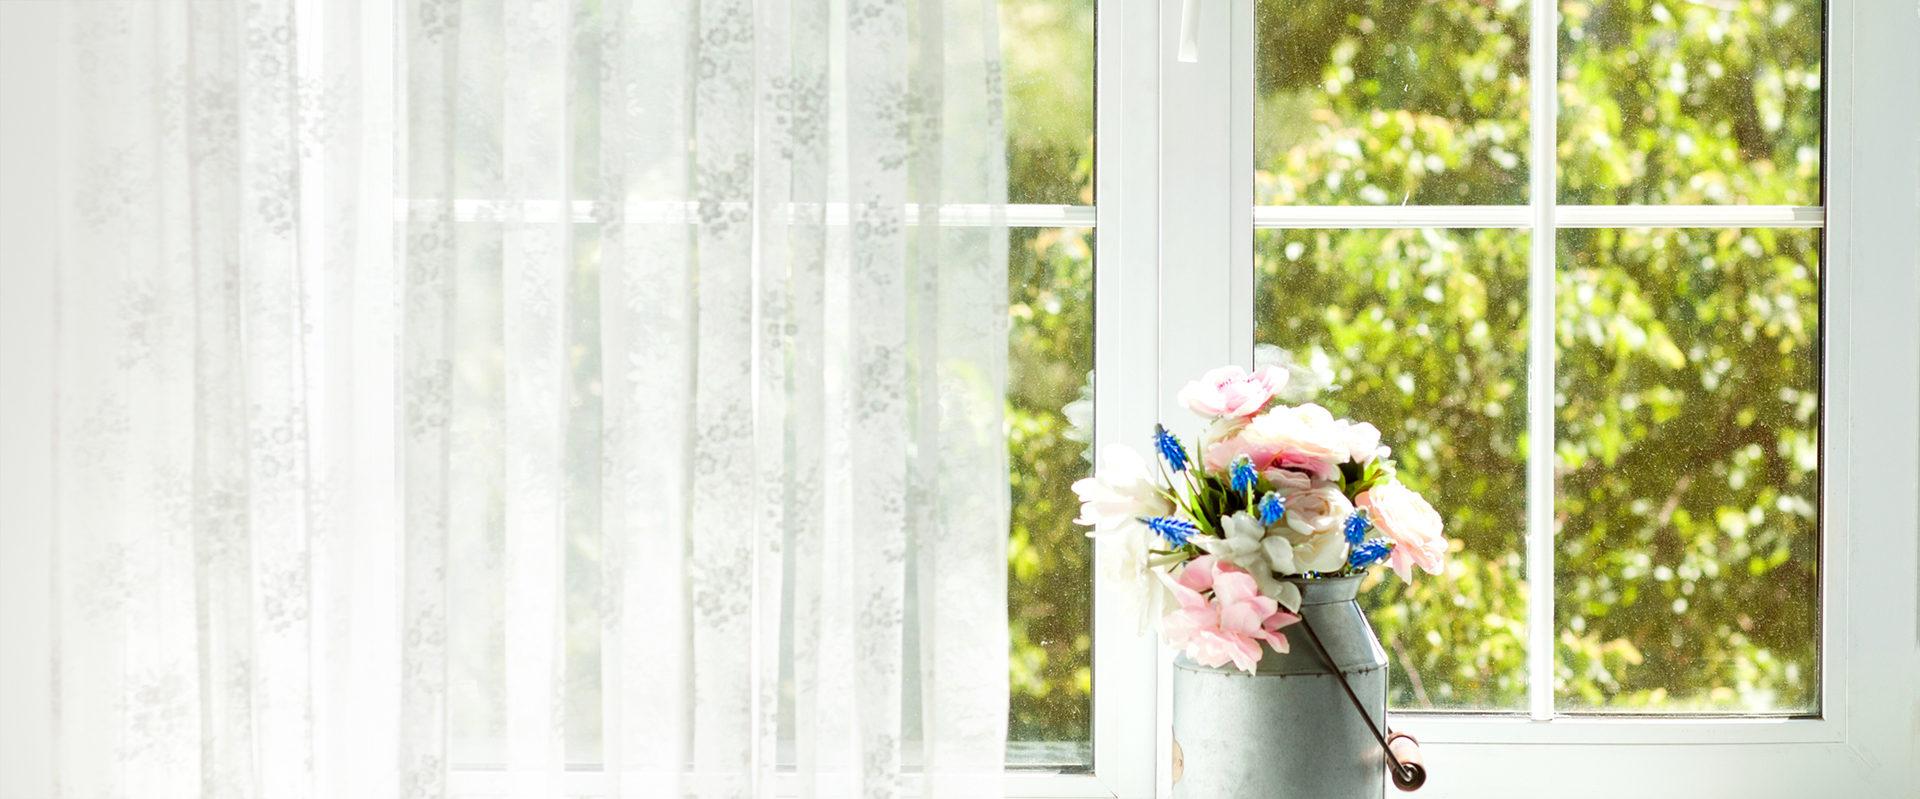 картинка окна на дачу йола